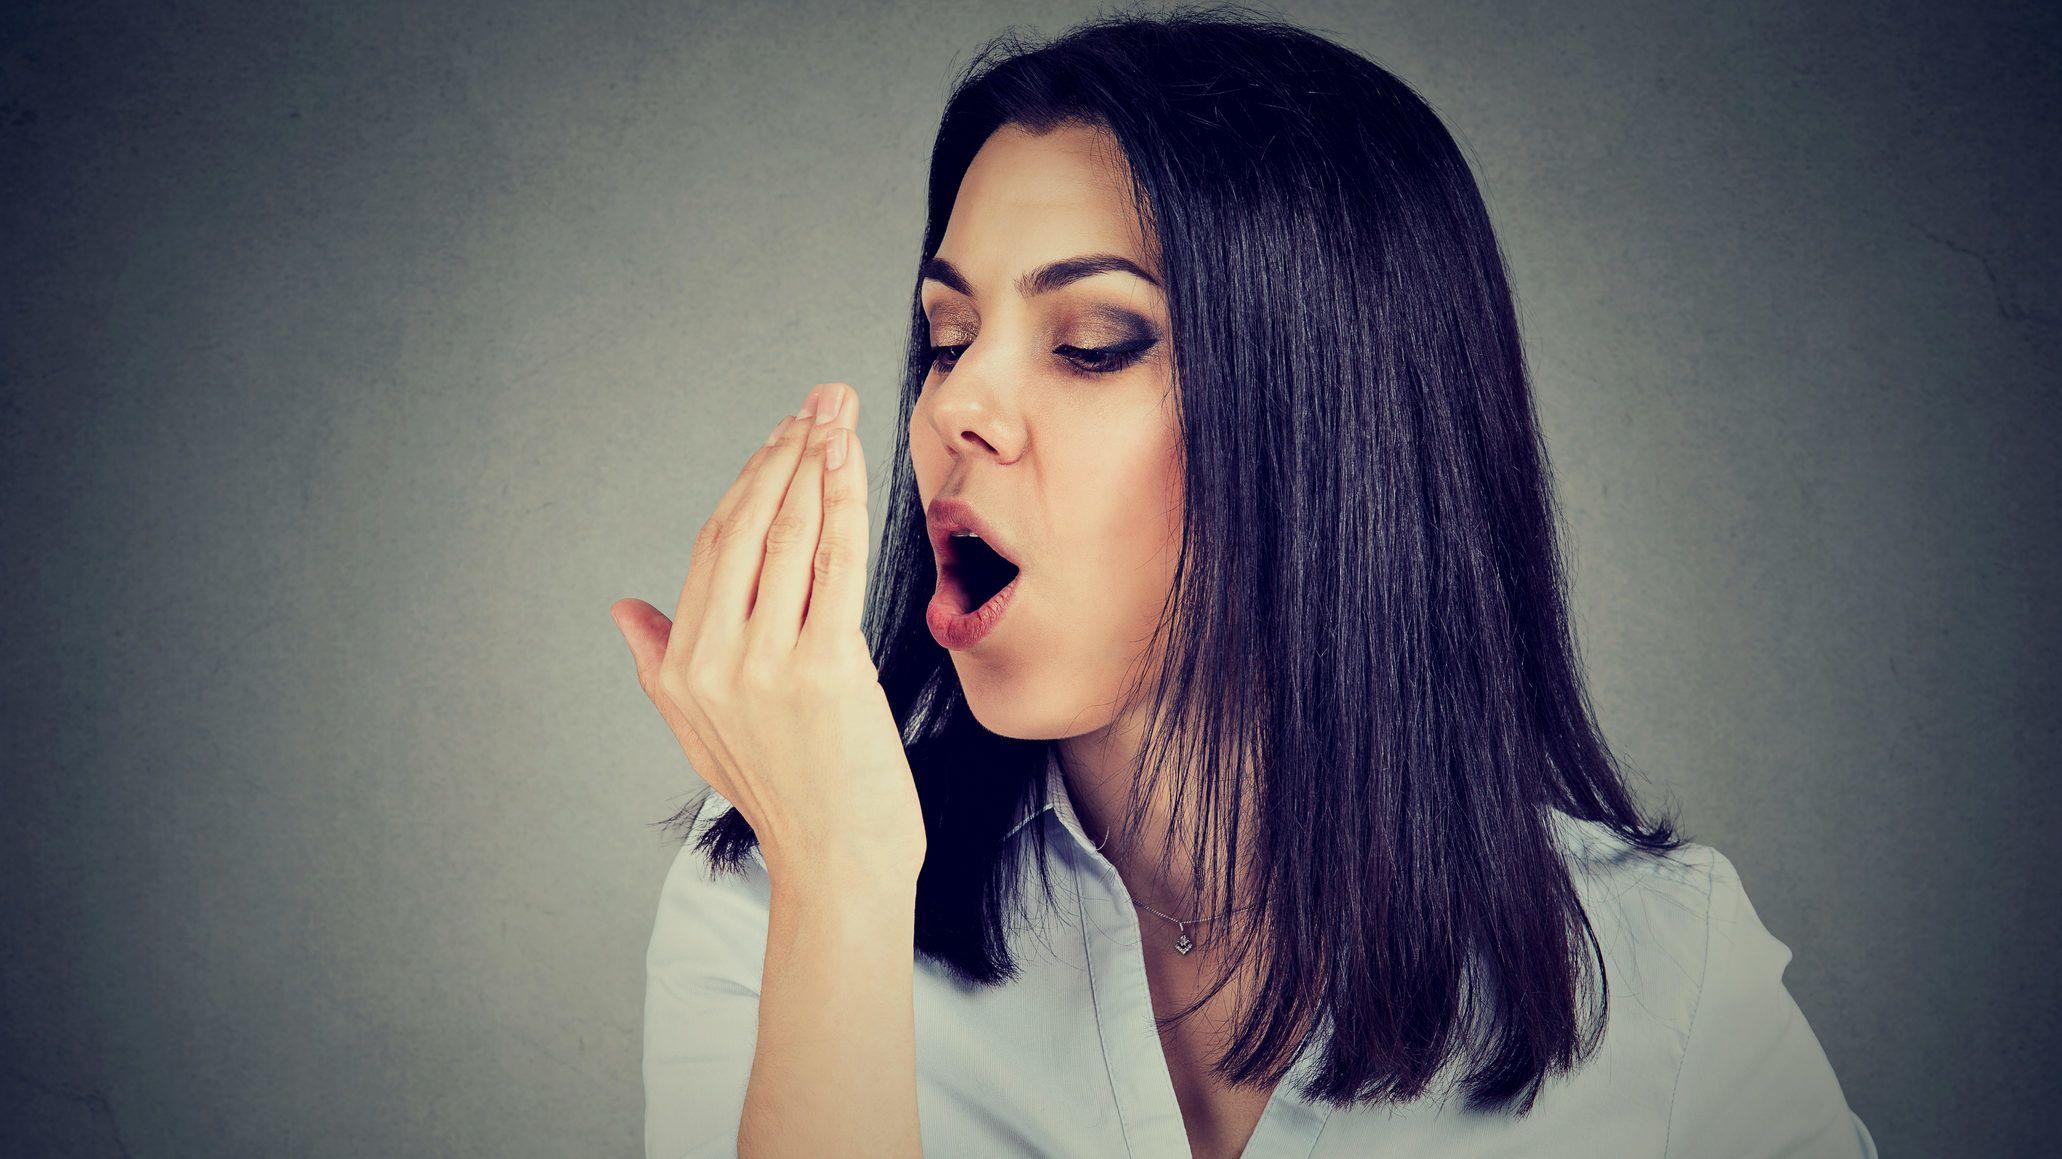 szag a szájból miért történik Könnyen meggyógyítottam Trichomonast